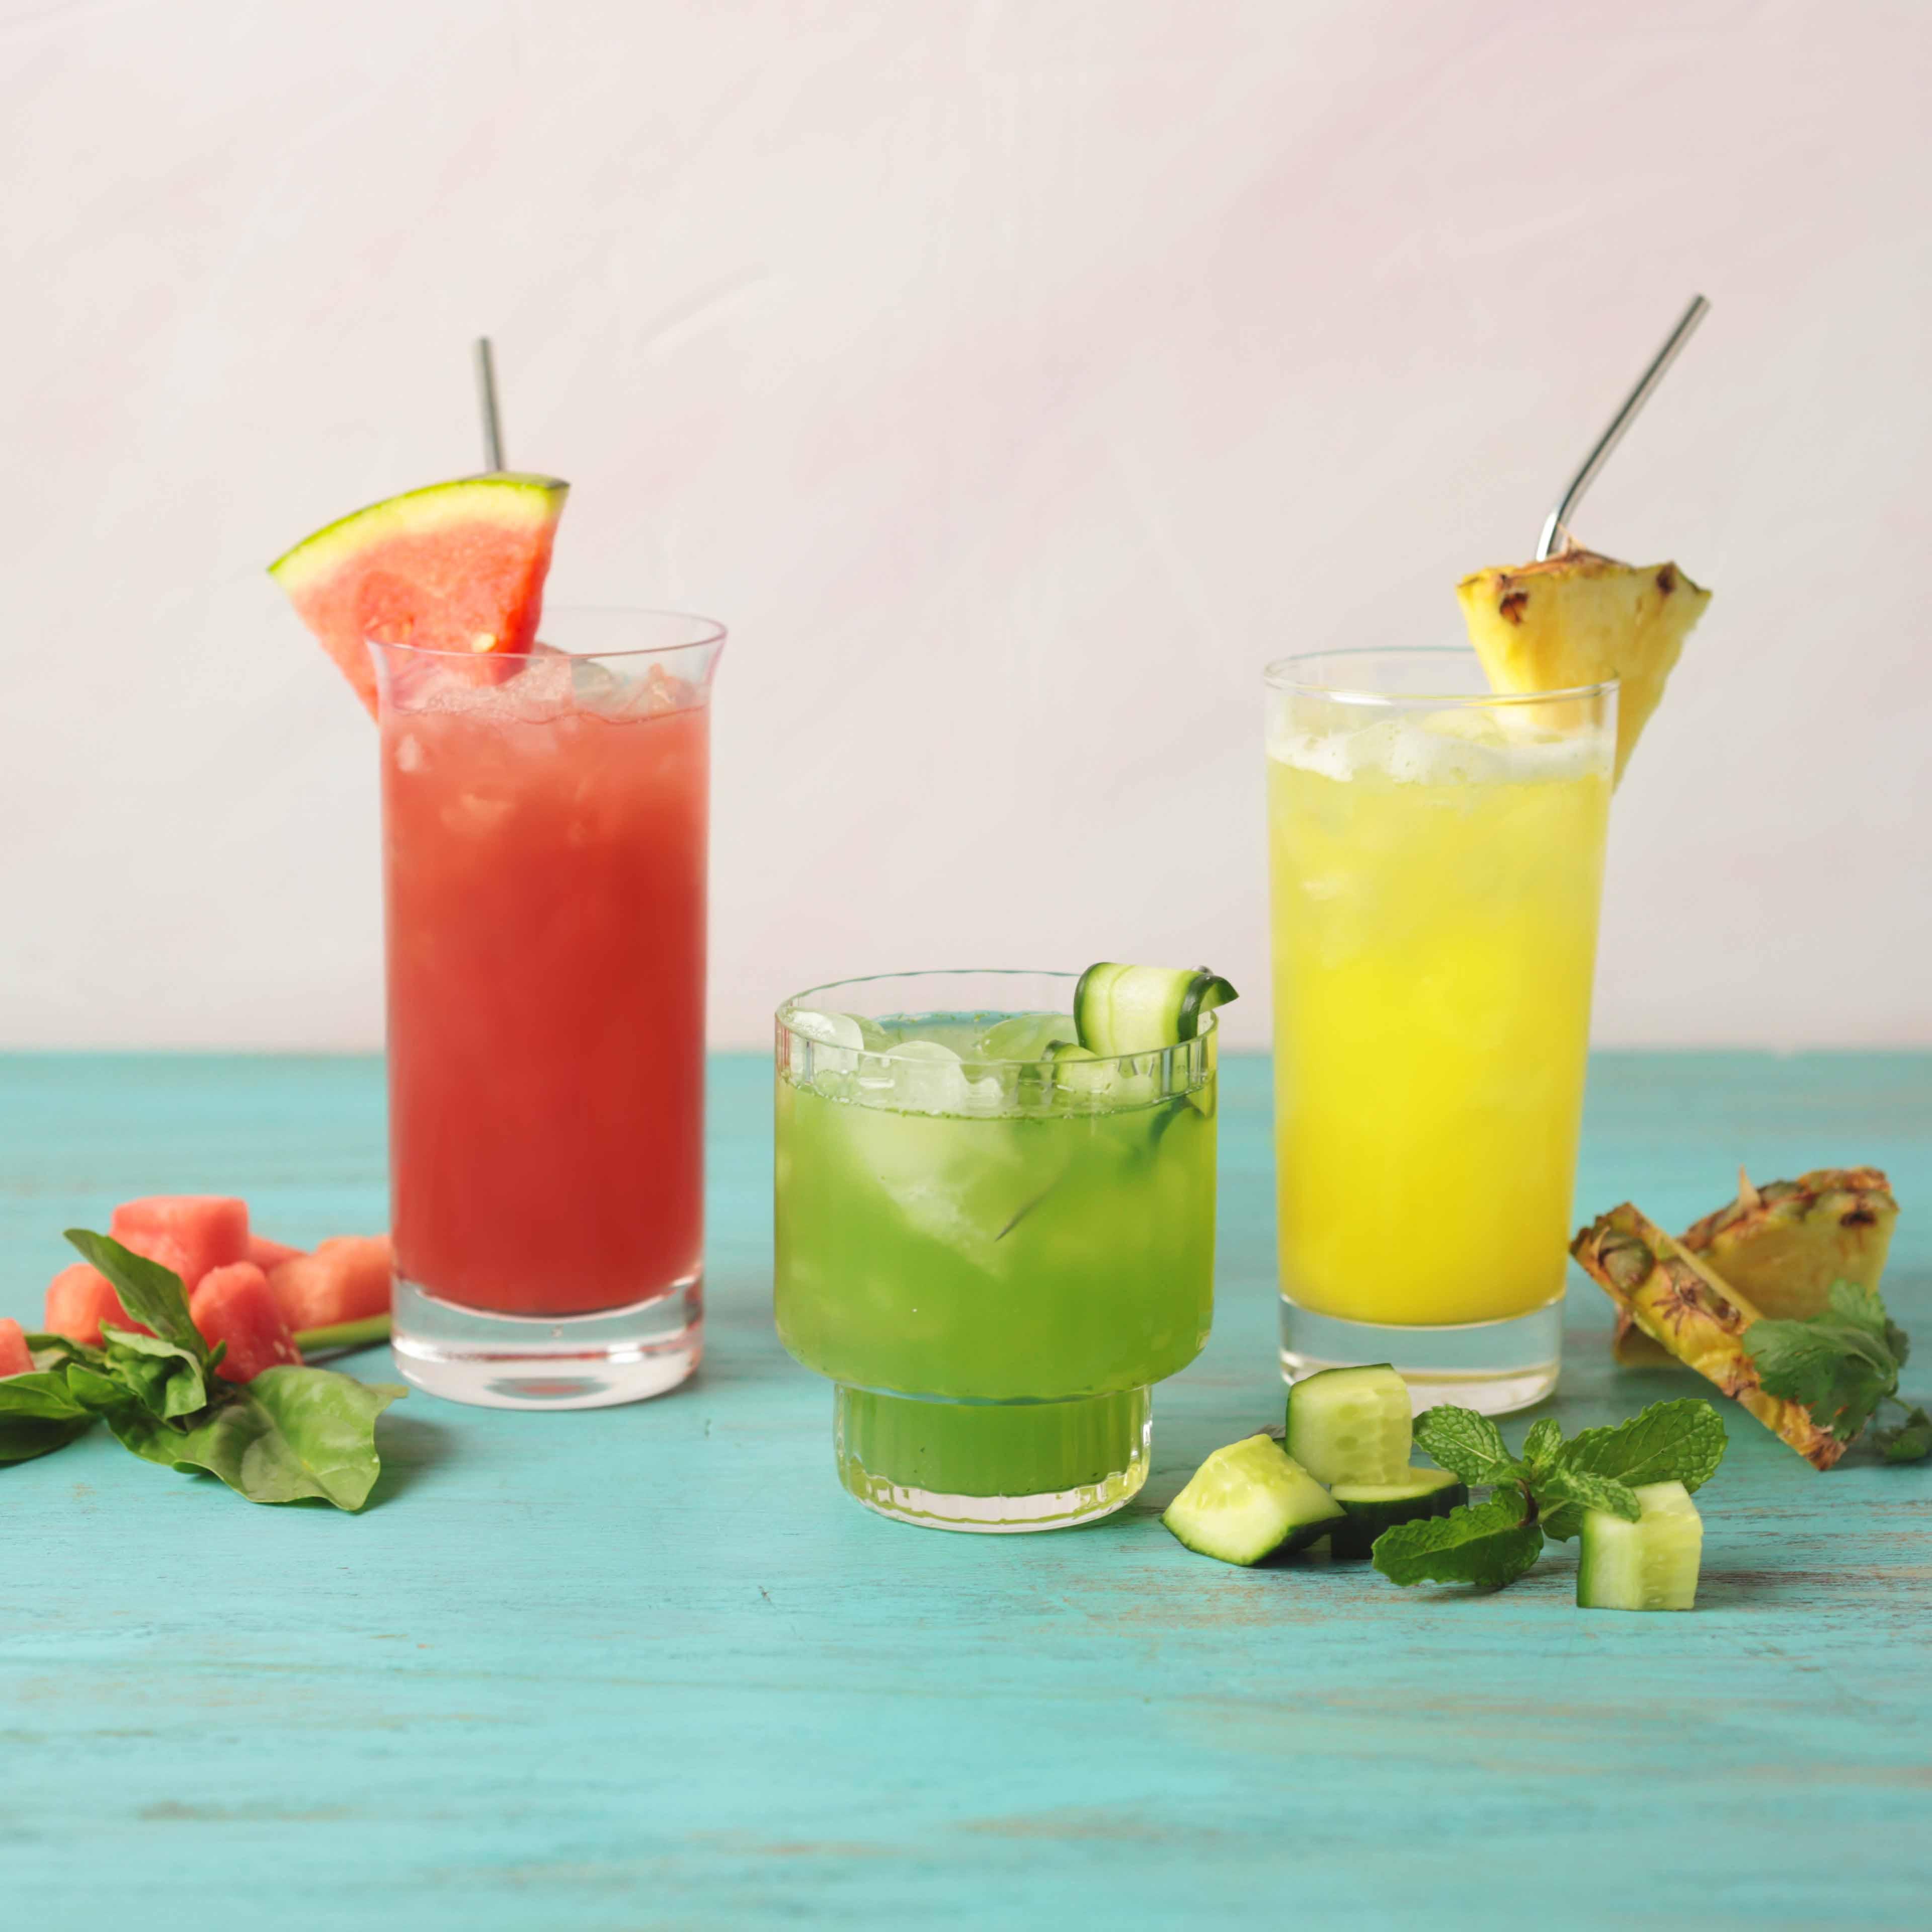 Photo of Aguas frescas three ways - pineapple cilantro by WW